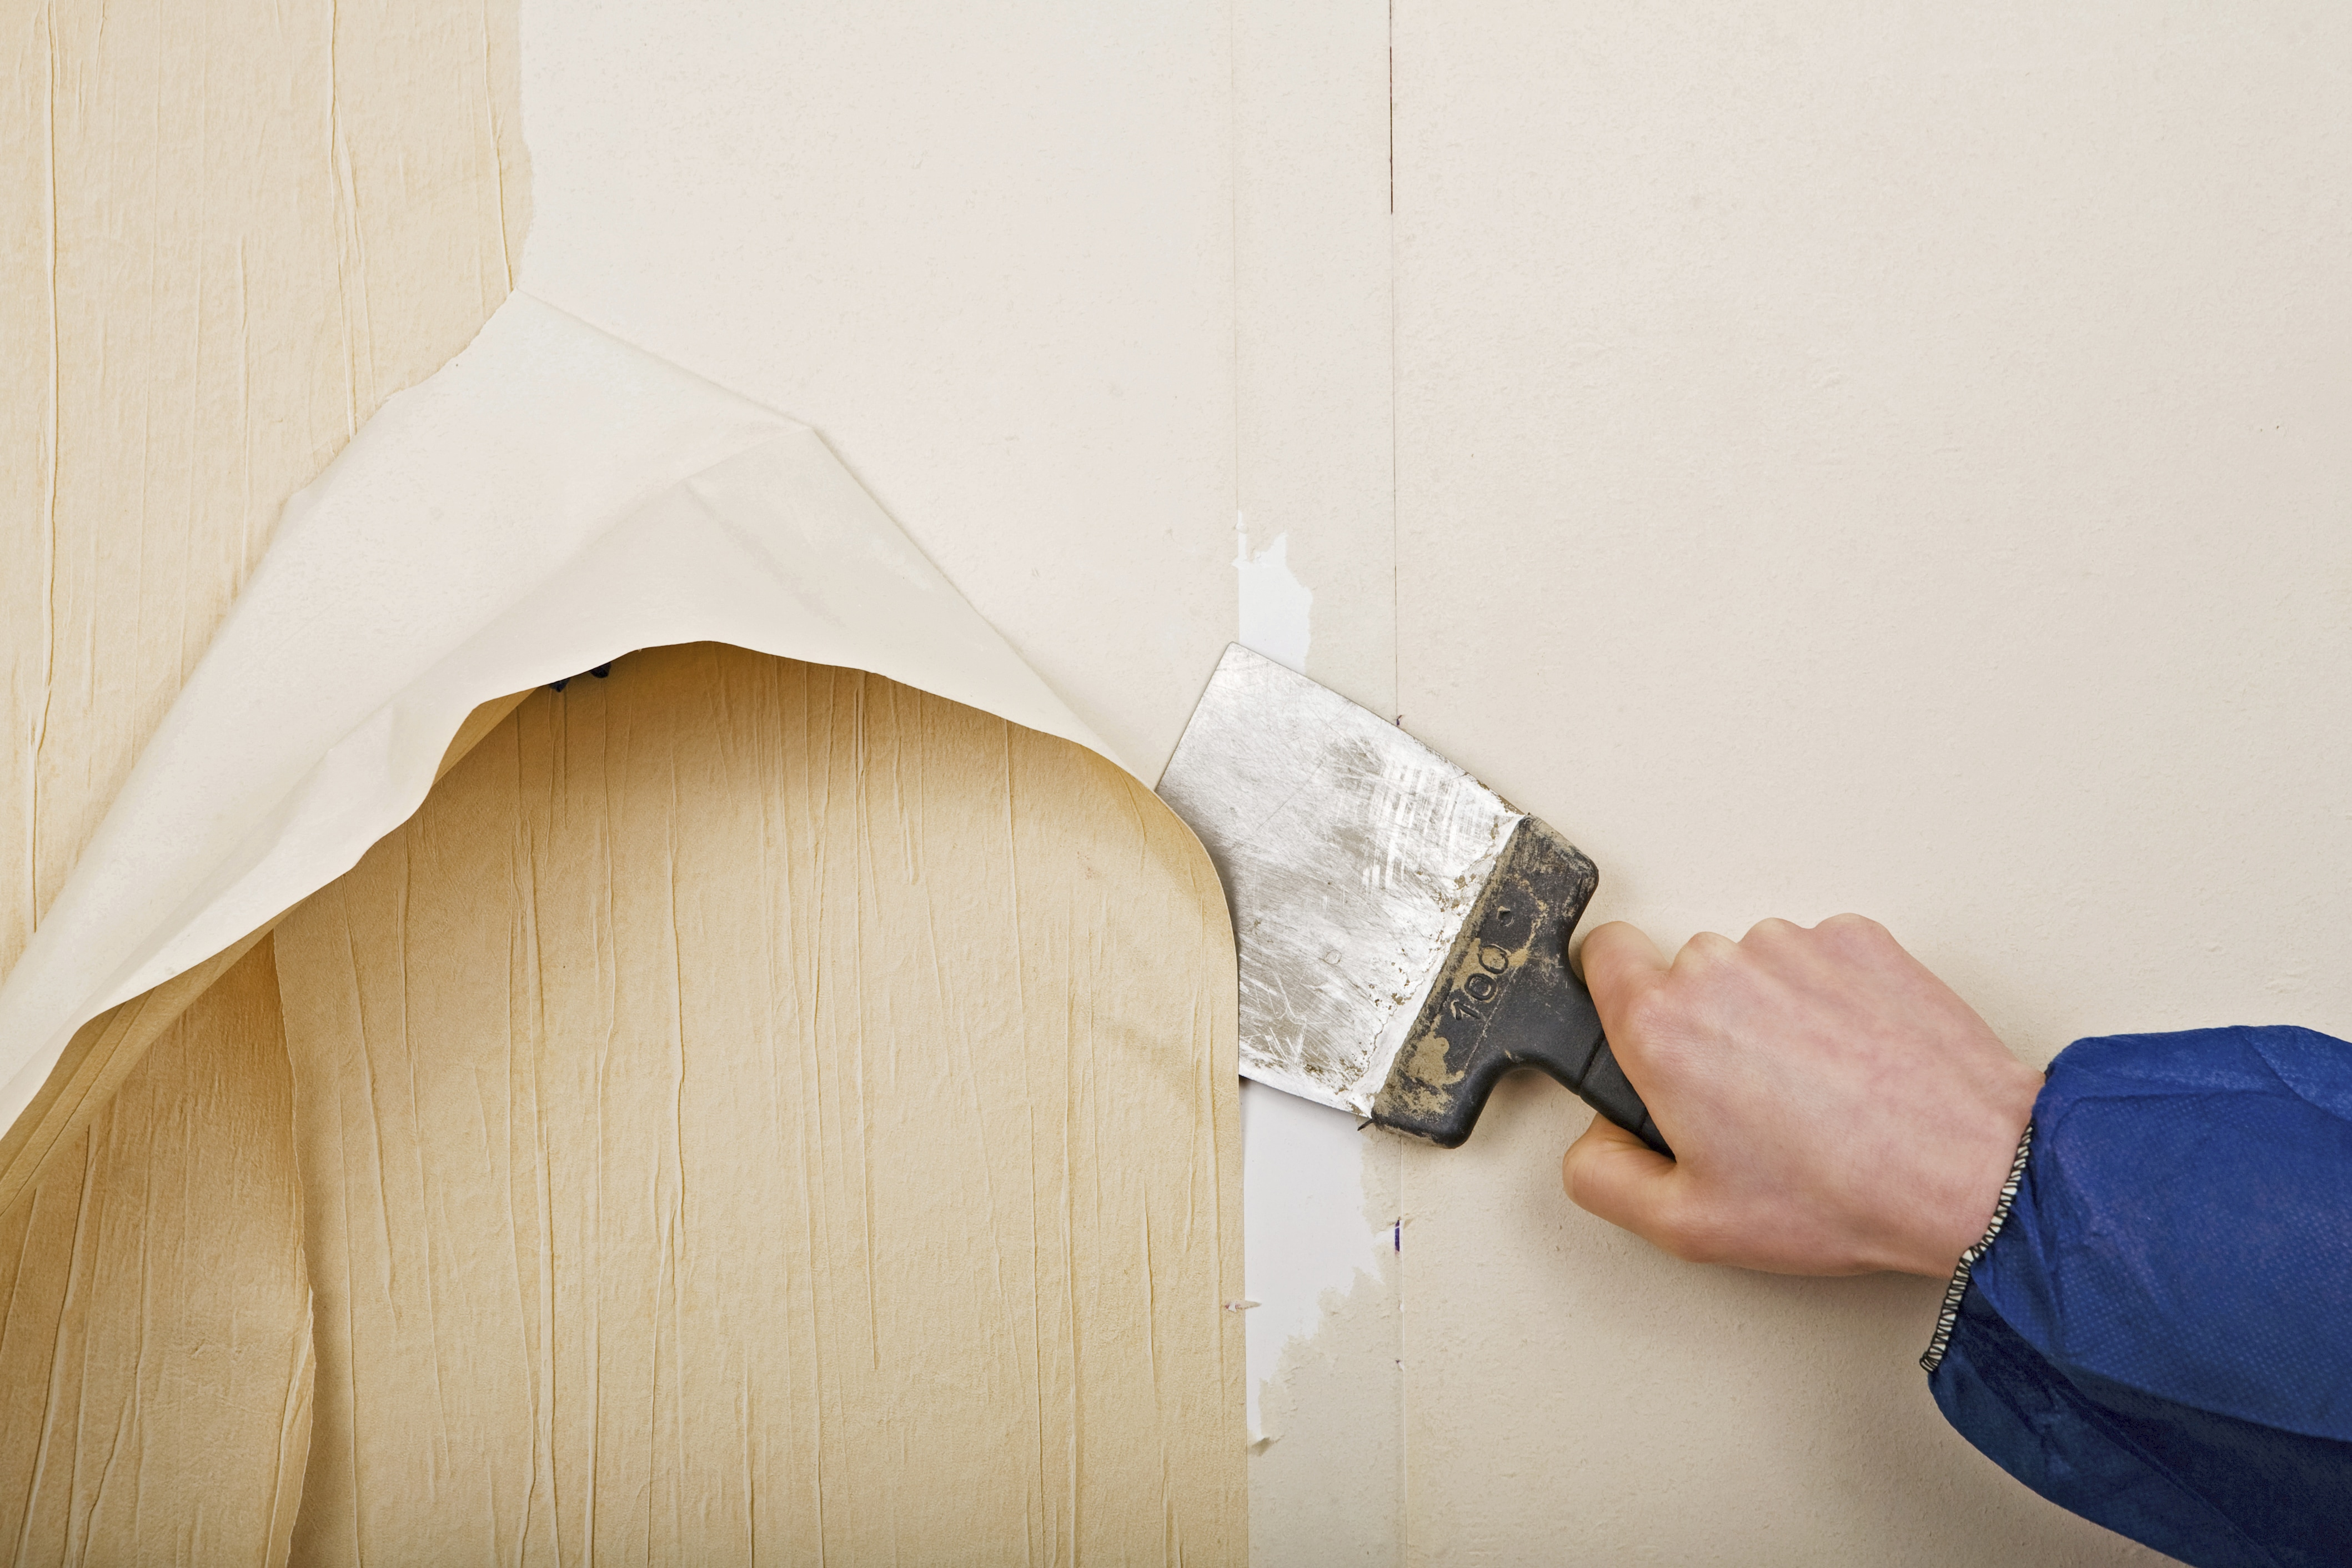 Como quitar el papel vin lico de la pared de yeso del ba o alba iles - Como quitar rayones del piso vinilico ...